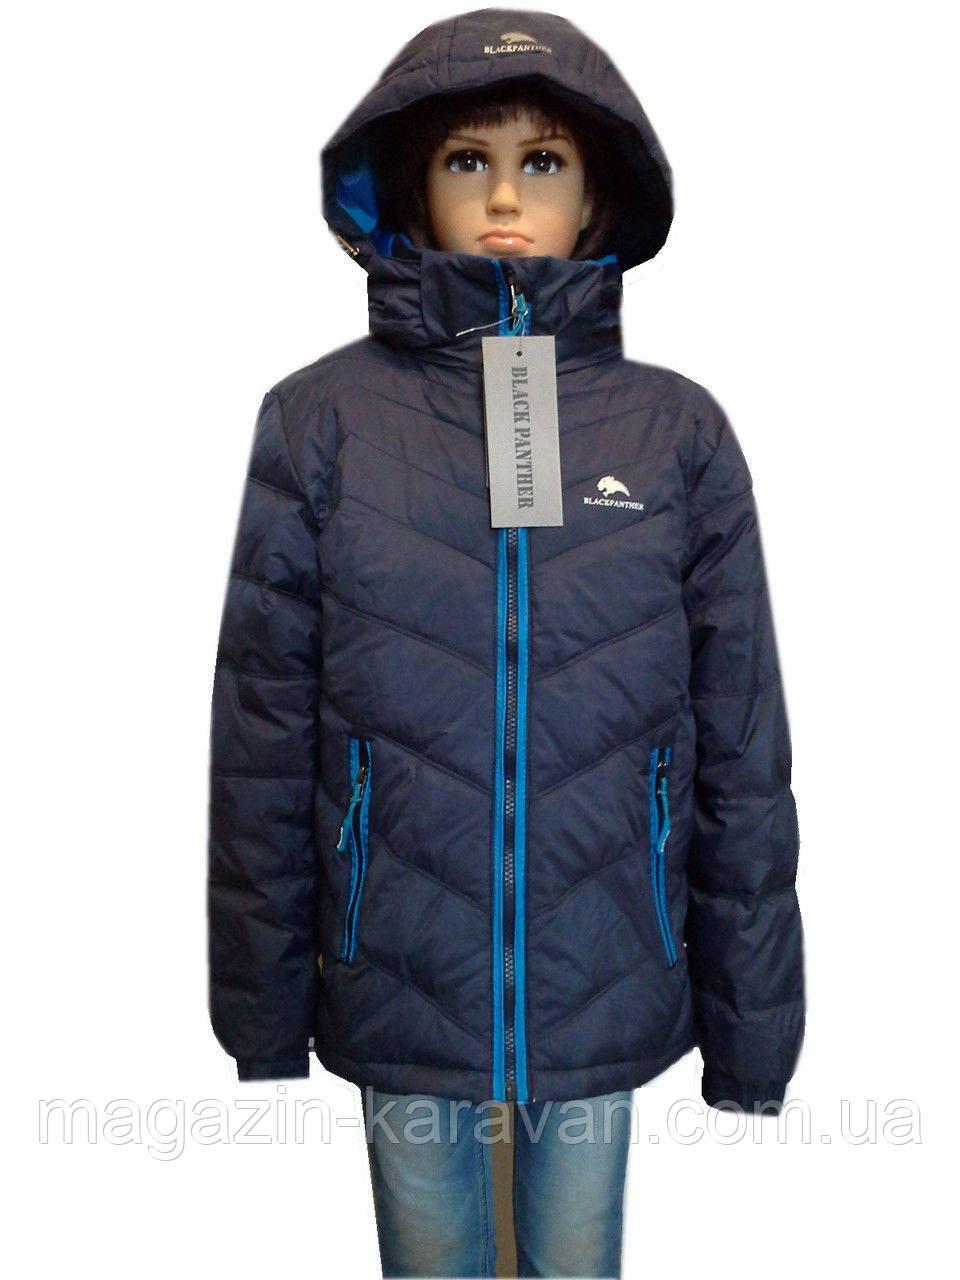 Модная куртка на осень для мальчика